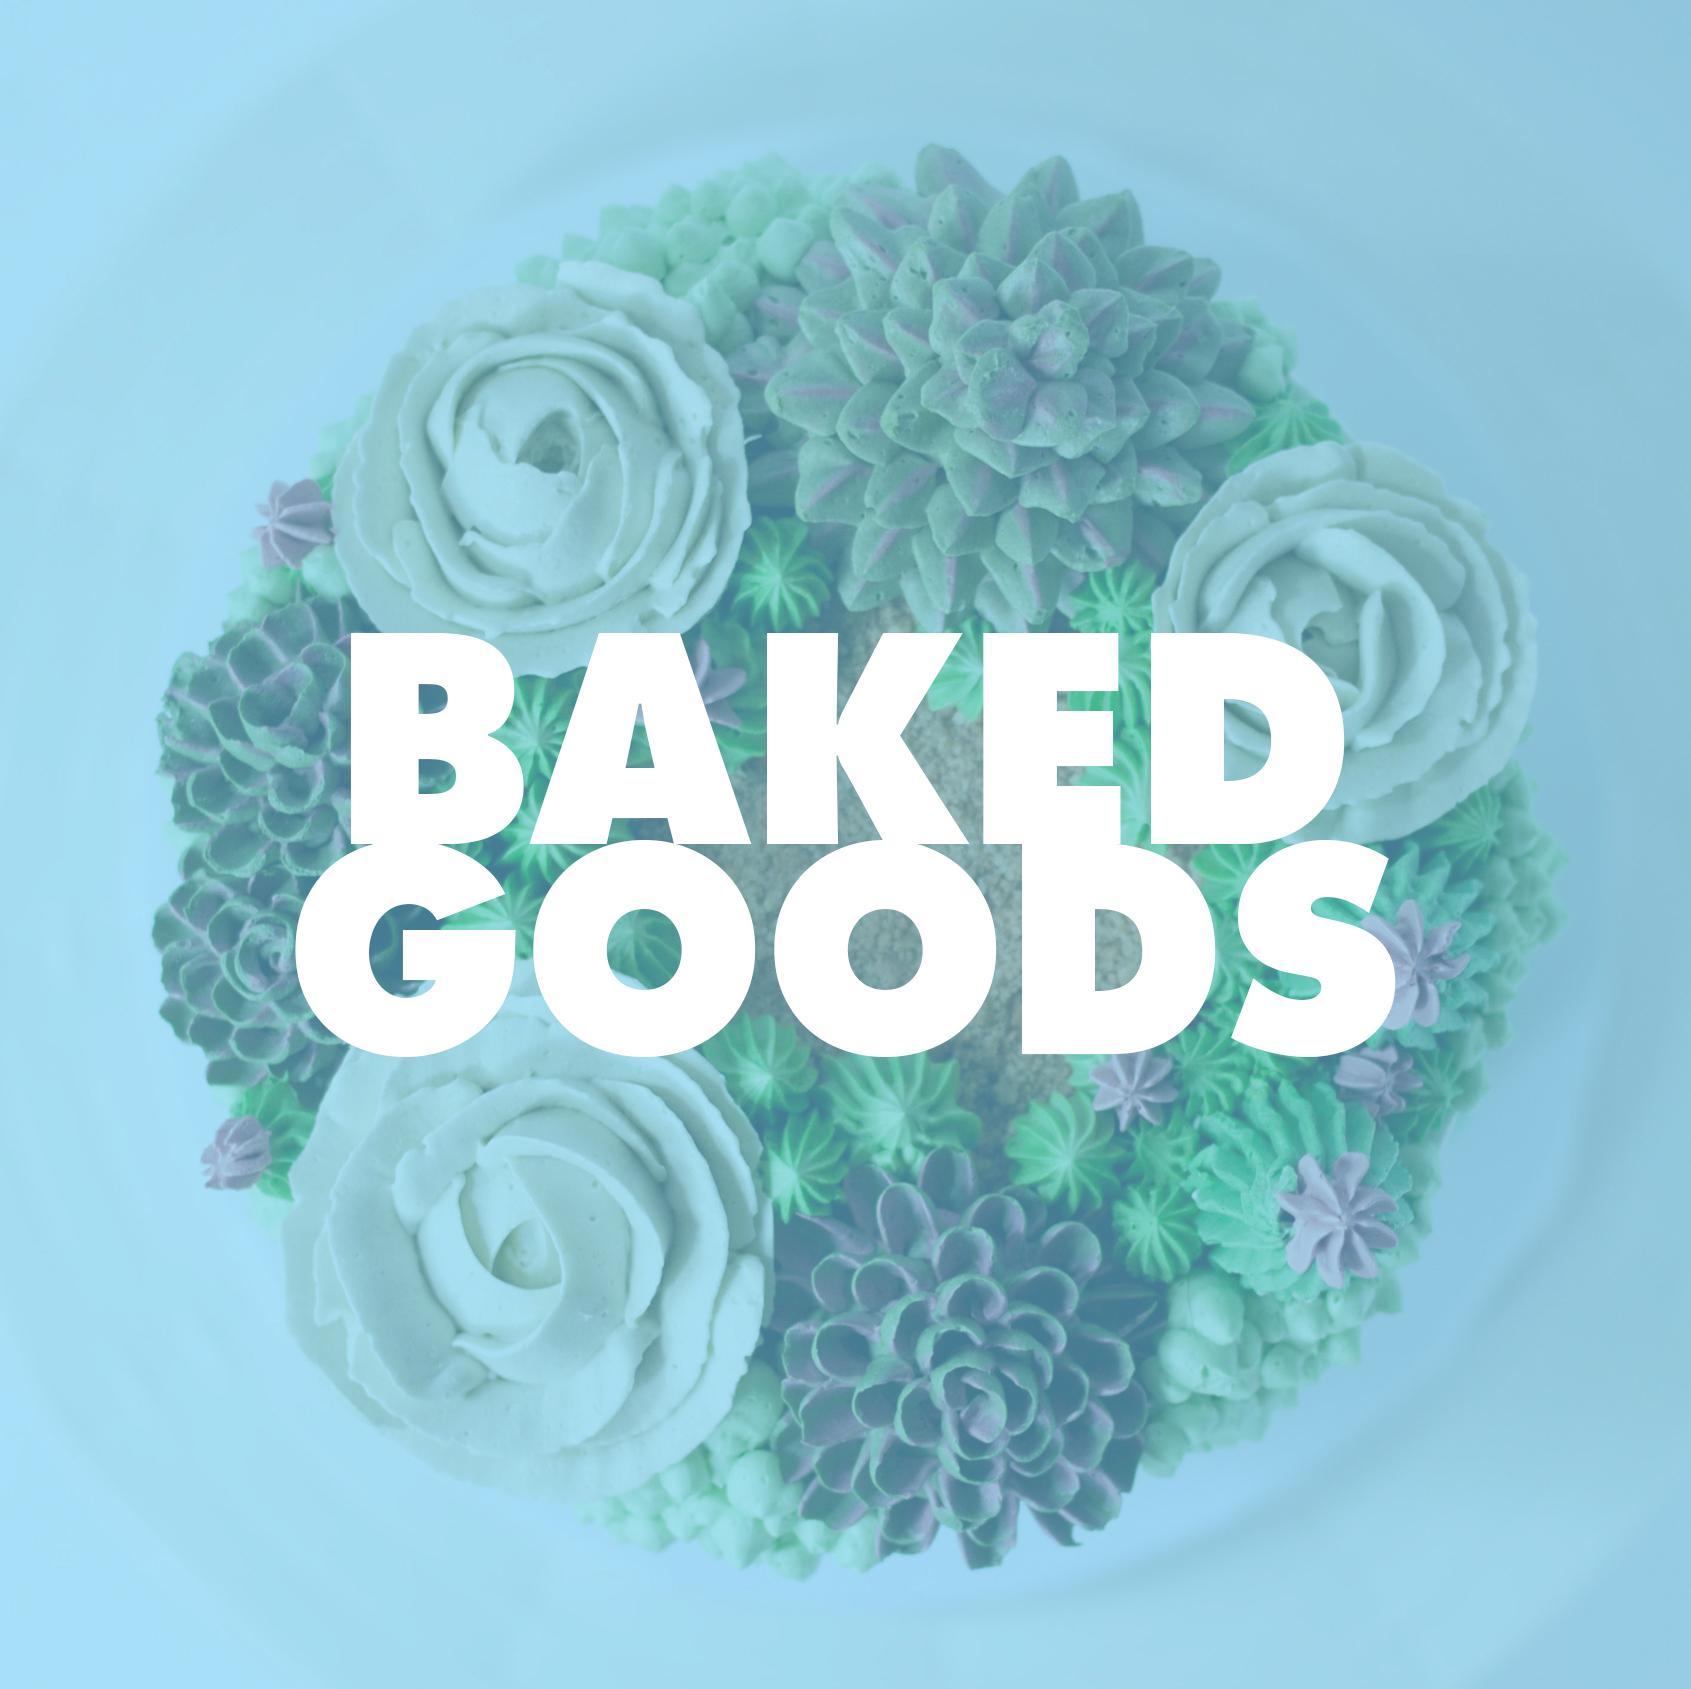 baked-goods-aug-2019.jpg